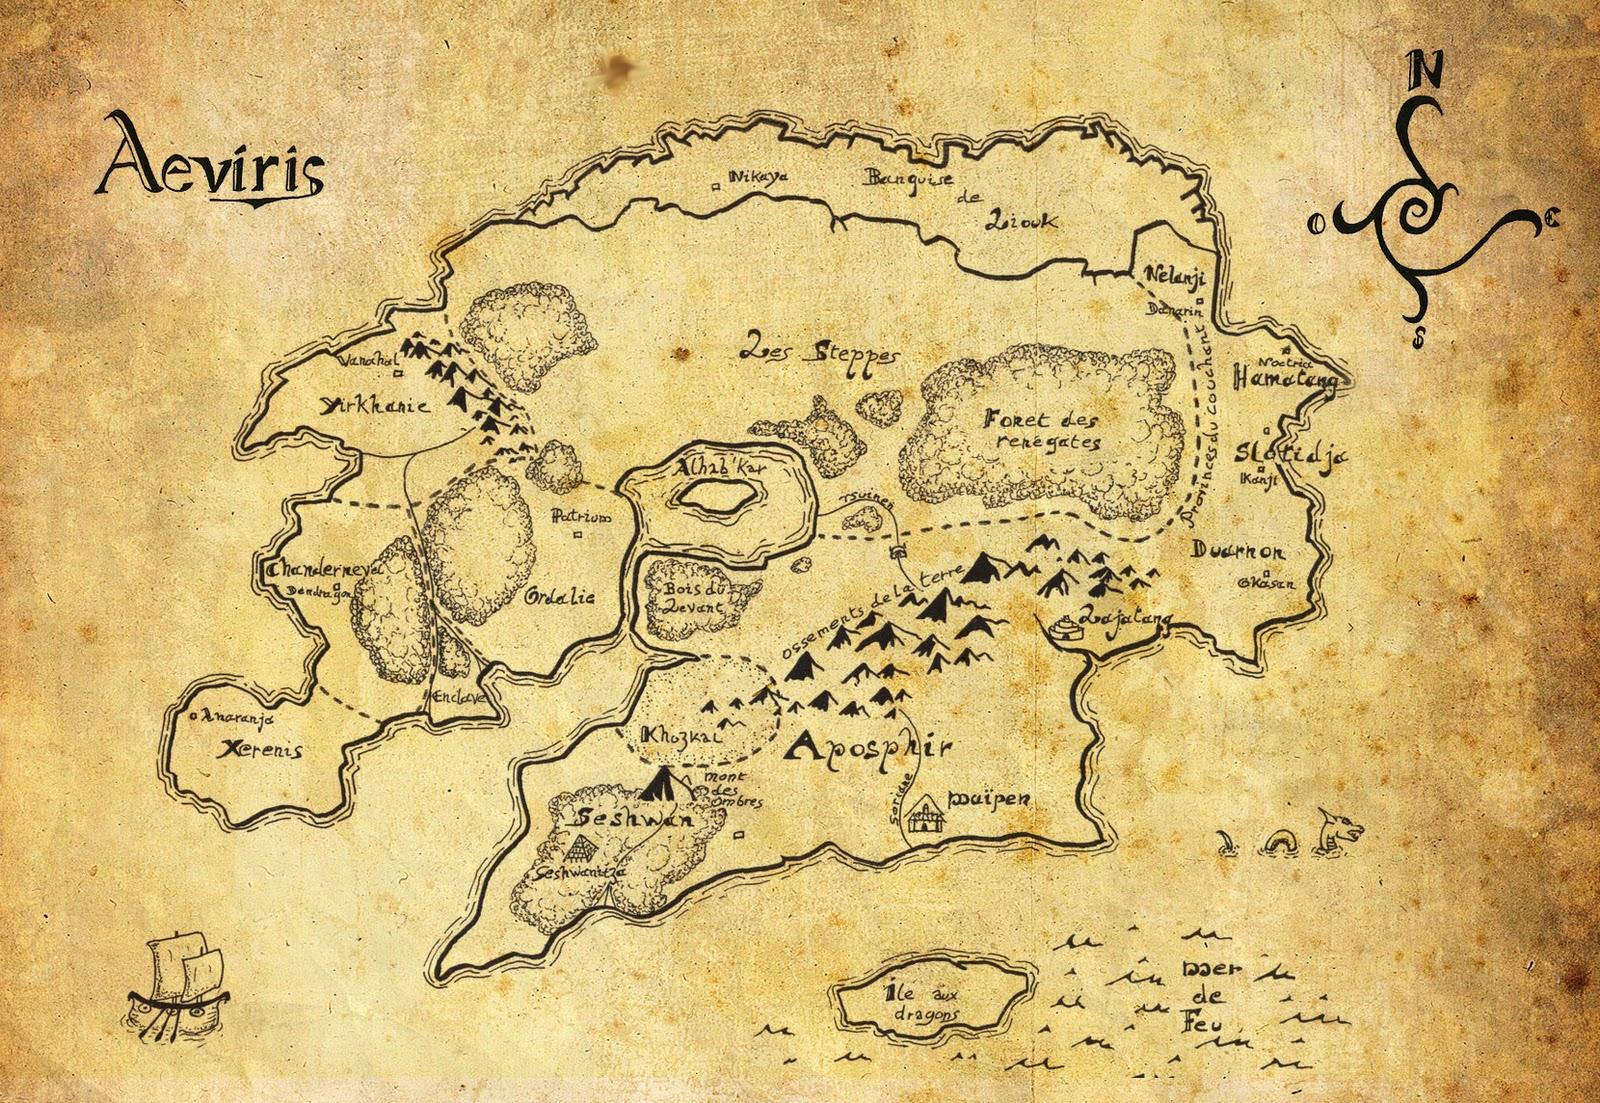 carte monde fantastique vierge Le monde fantastique d'Aeviris: La carte fait peau neuve